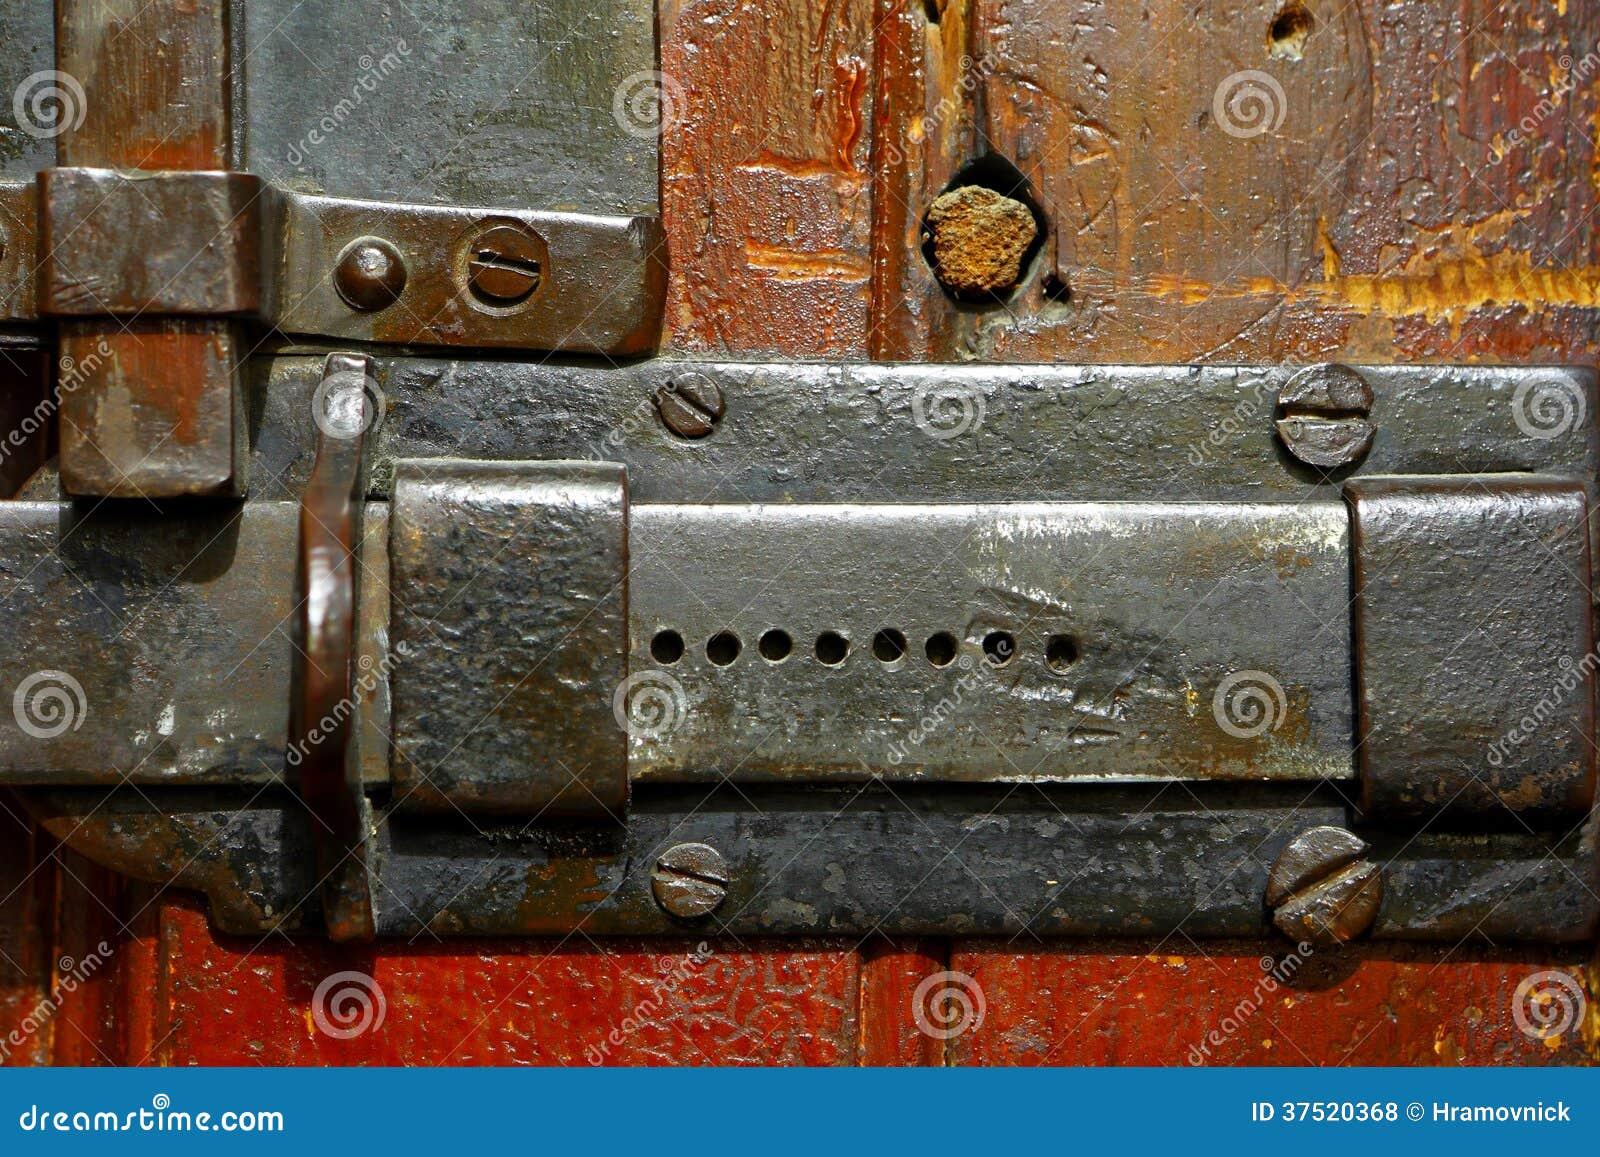 Πόρτα που κλείνουν σε ένα μπουλόνι